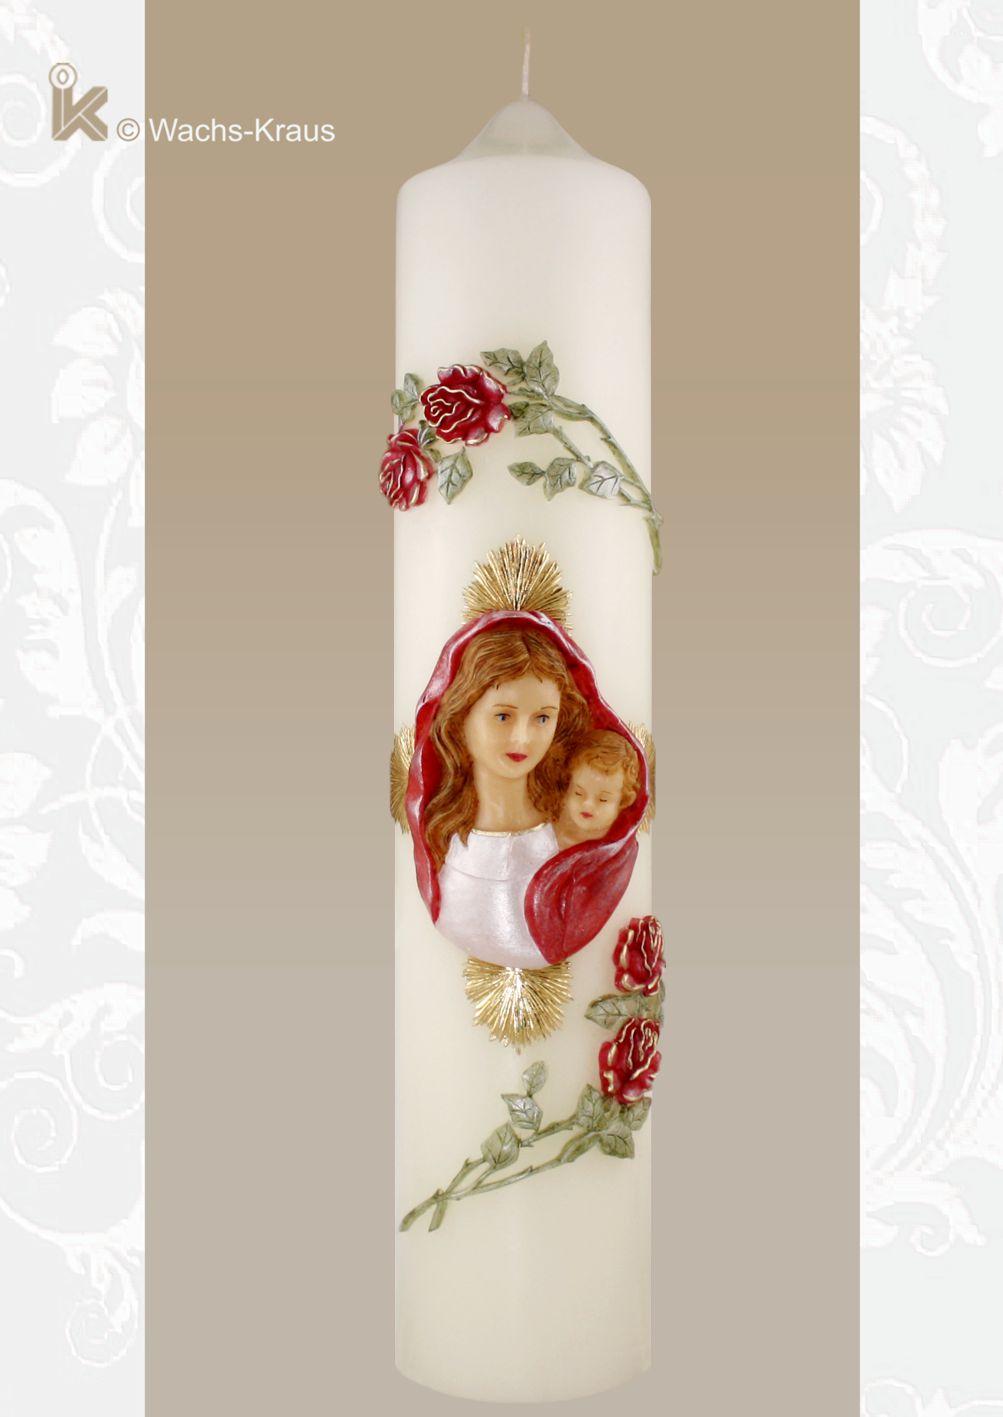 Marienkerze mit Rosen. Eine wunderschöne, in reiner Handarbeit verzierte Marienkerze mit einer Gottesmutter und Rosen , die aus Wachs gegossen sind.